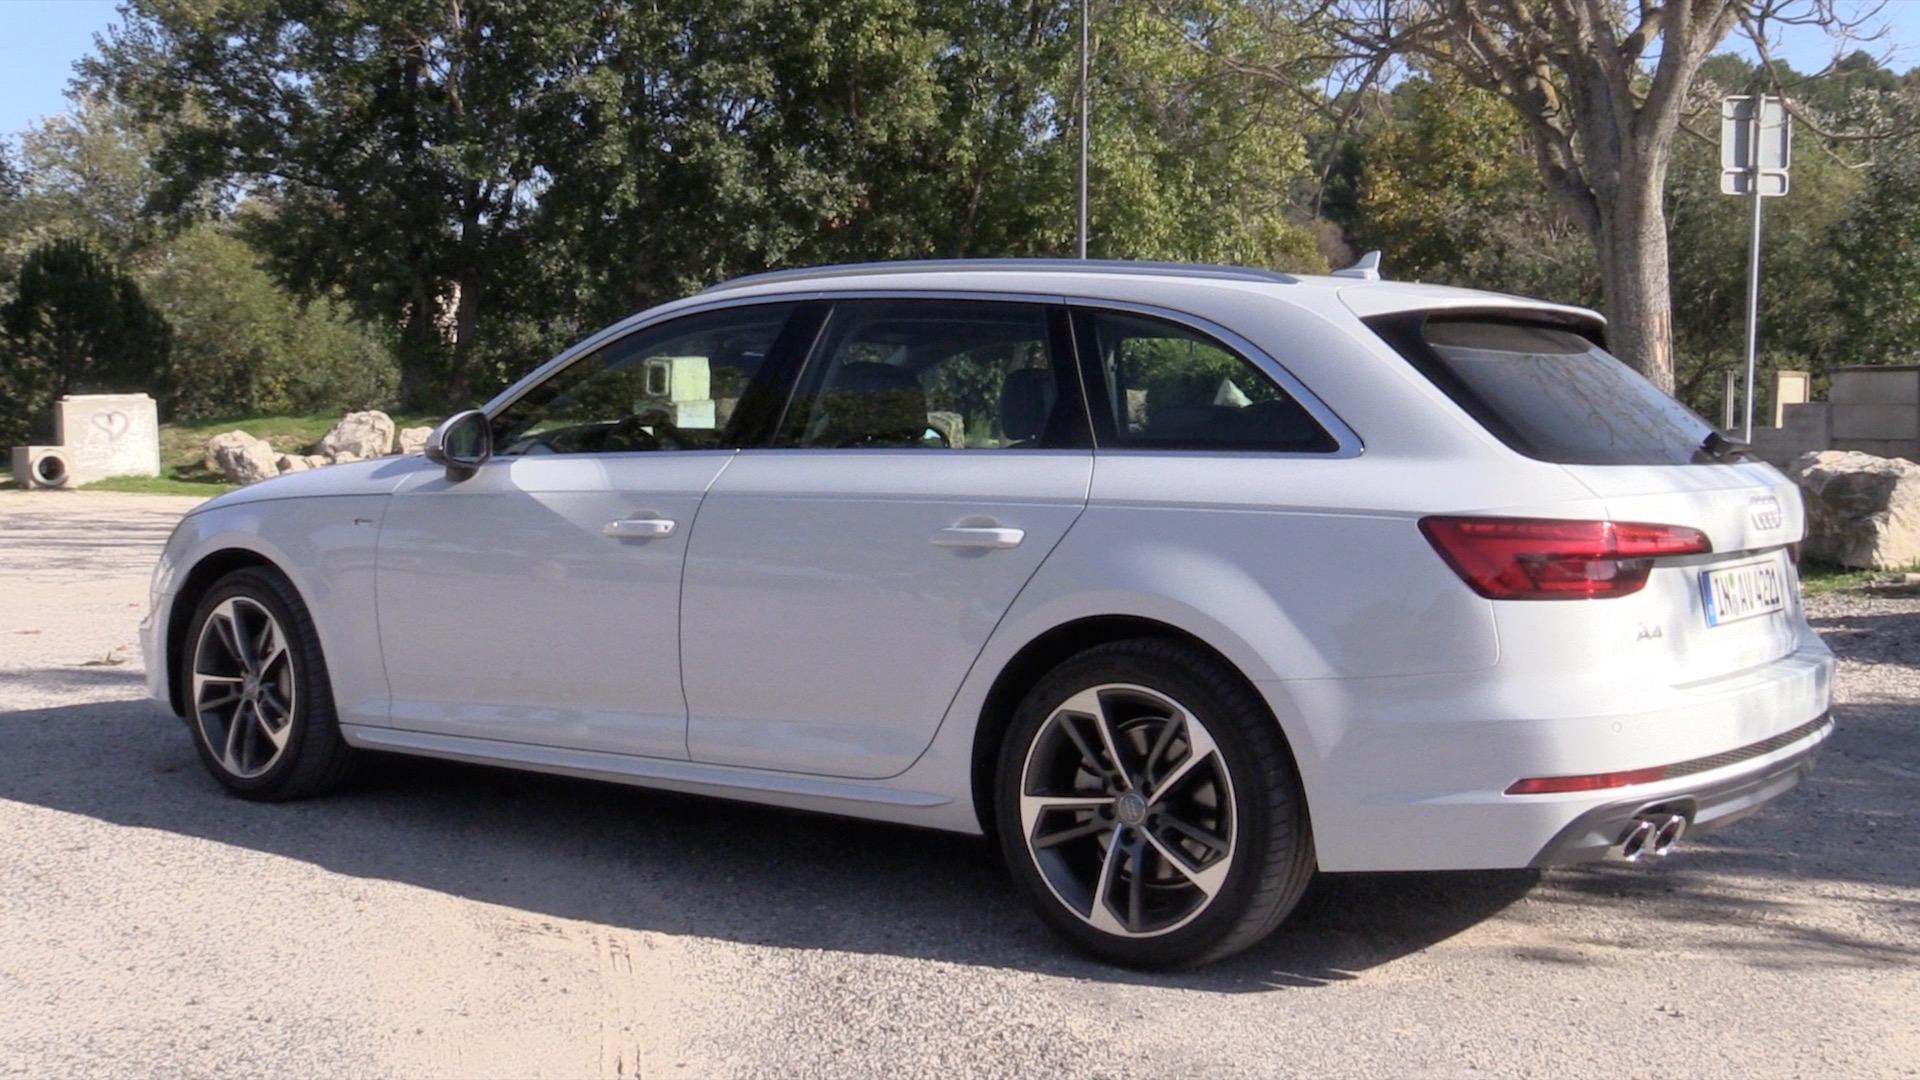 2016 Audi A4 Avant Fahrbericht Newgadgets De